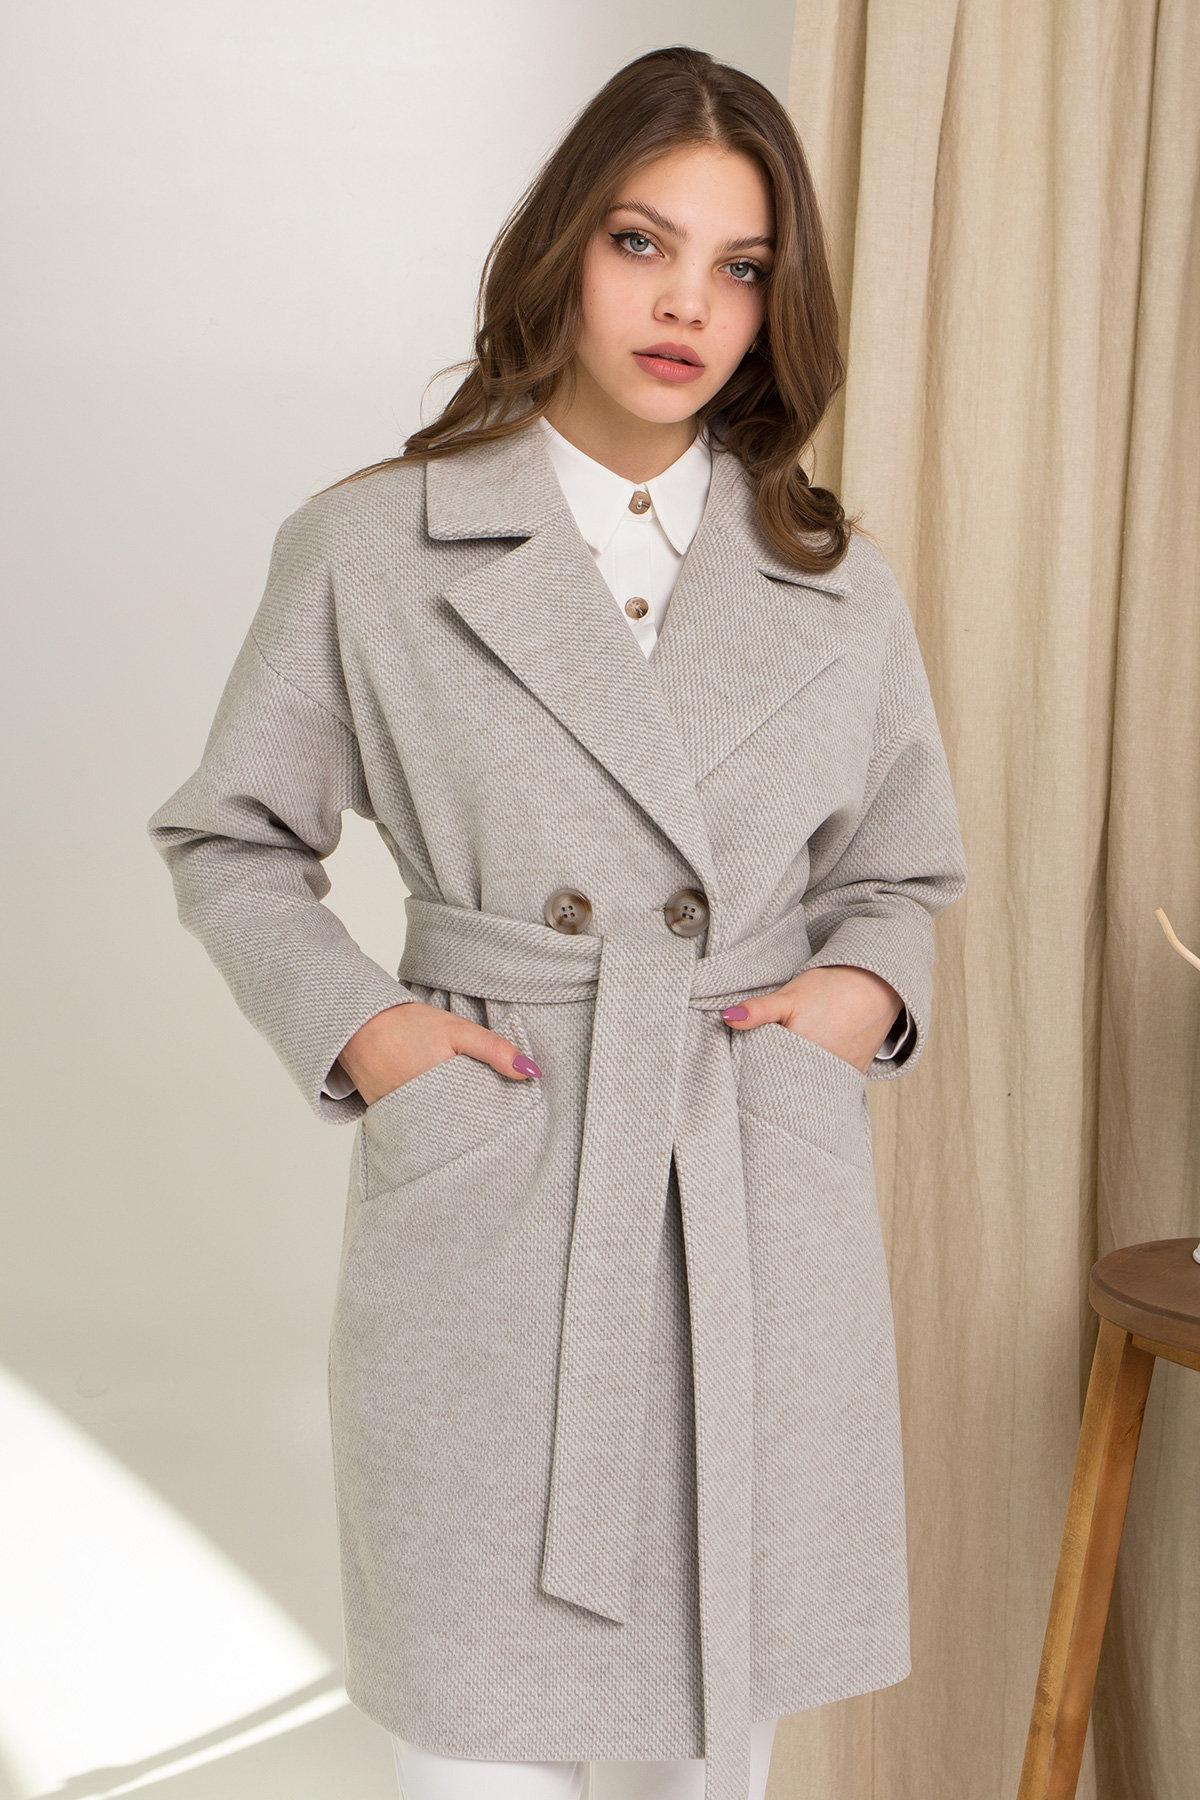 Демисезонное двубортное пальто Сенсей 8845 АРТ. 45218 Цвет: Олива - фото 8, интернет магазин tm-modus.ru